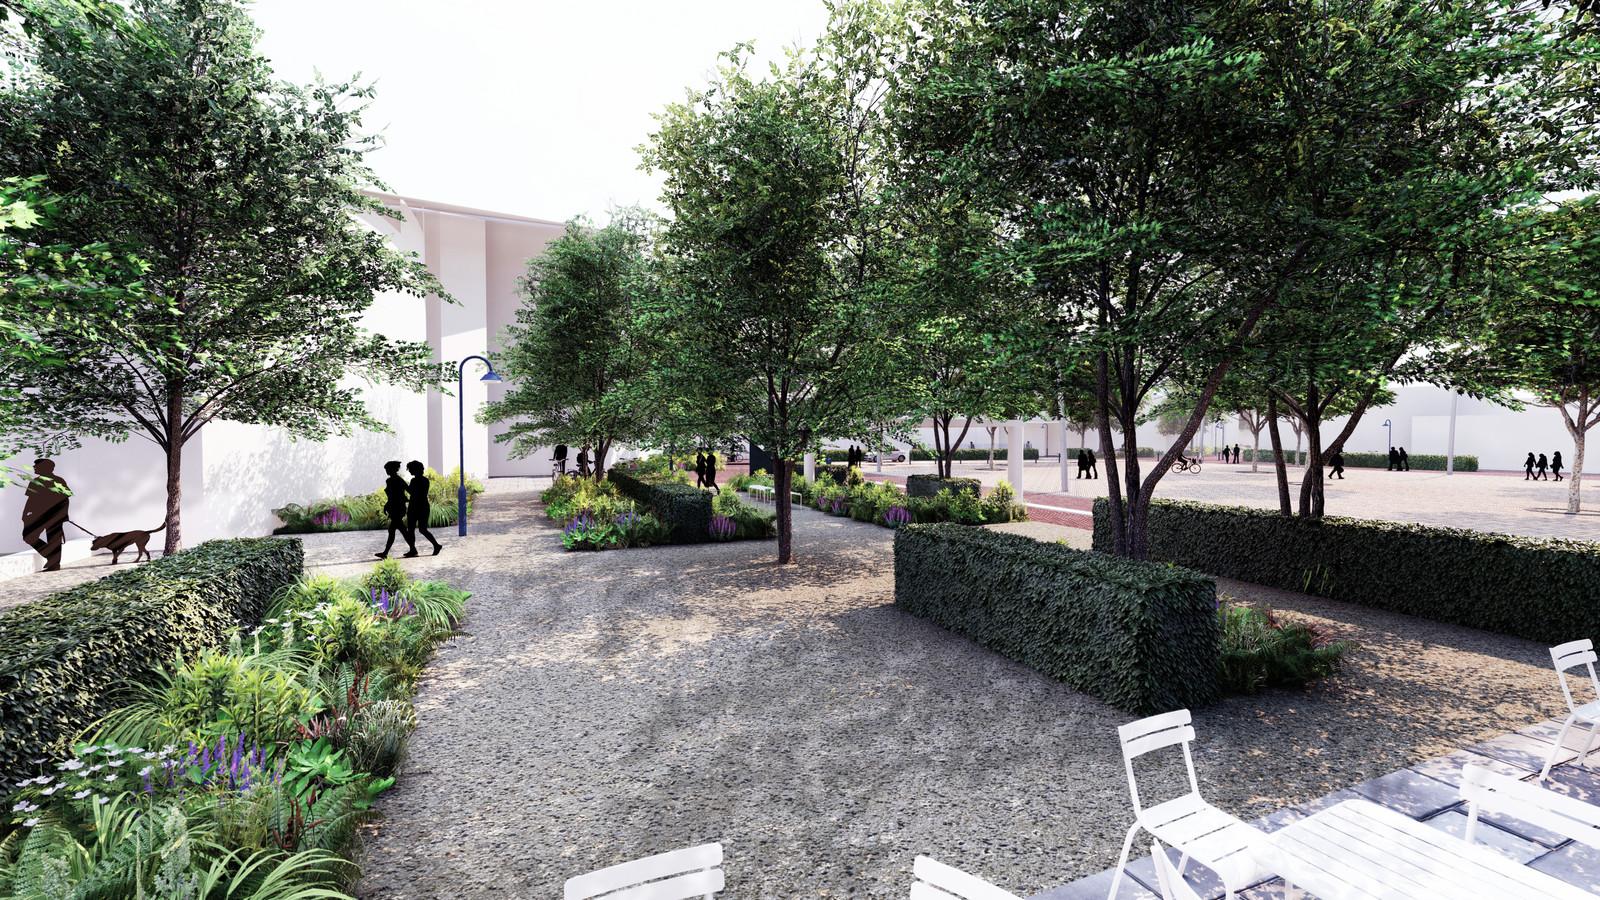 De initiatiefgroep Hart in Bodegraven wil het centrum vergroenen en sfeervoller maken. Een impressie van hoe het kan worden.